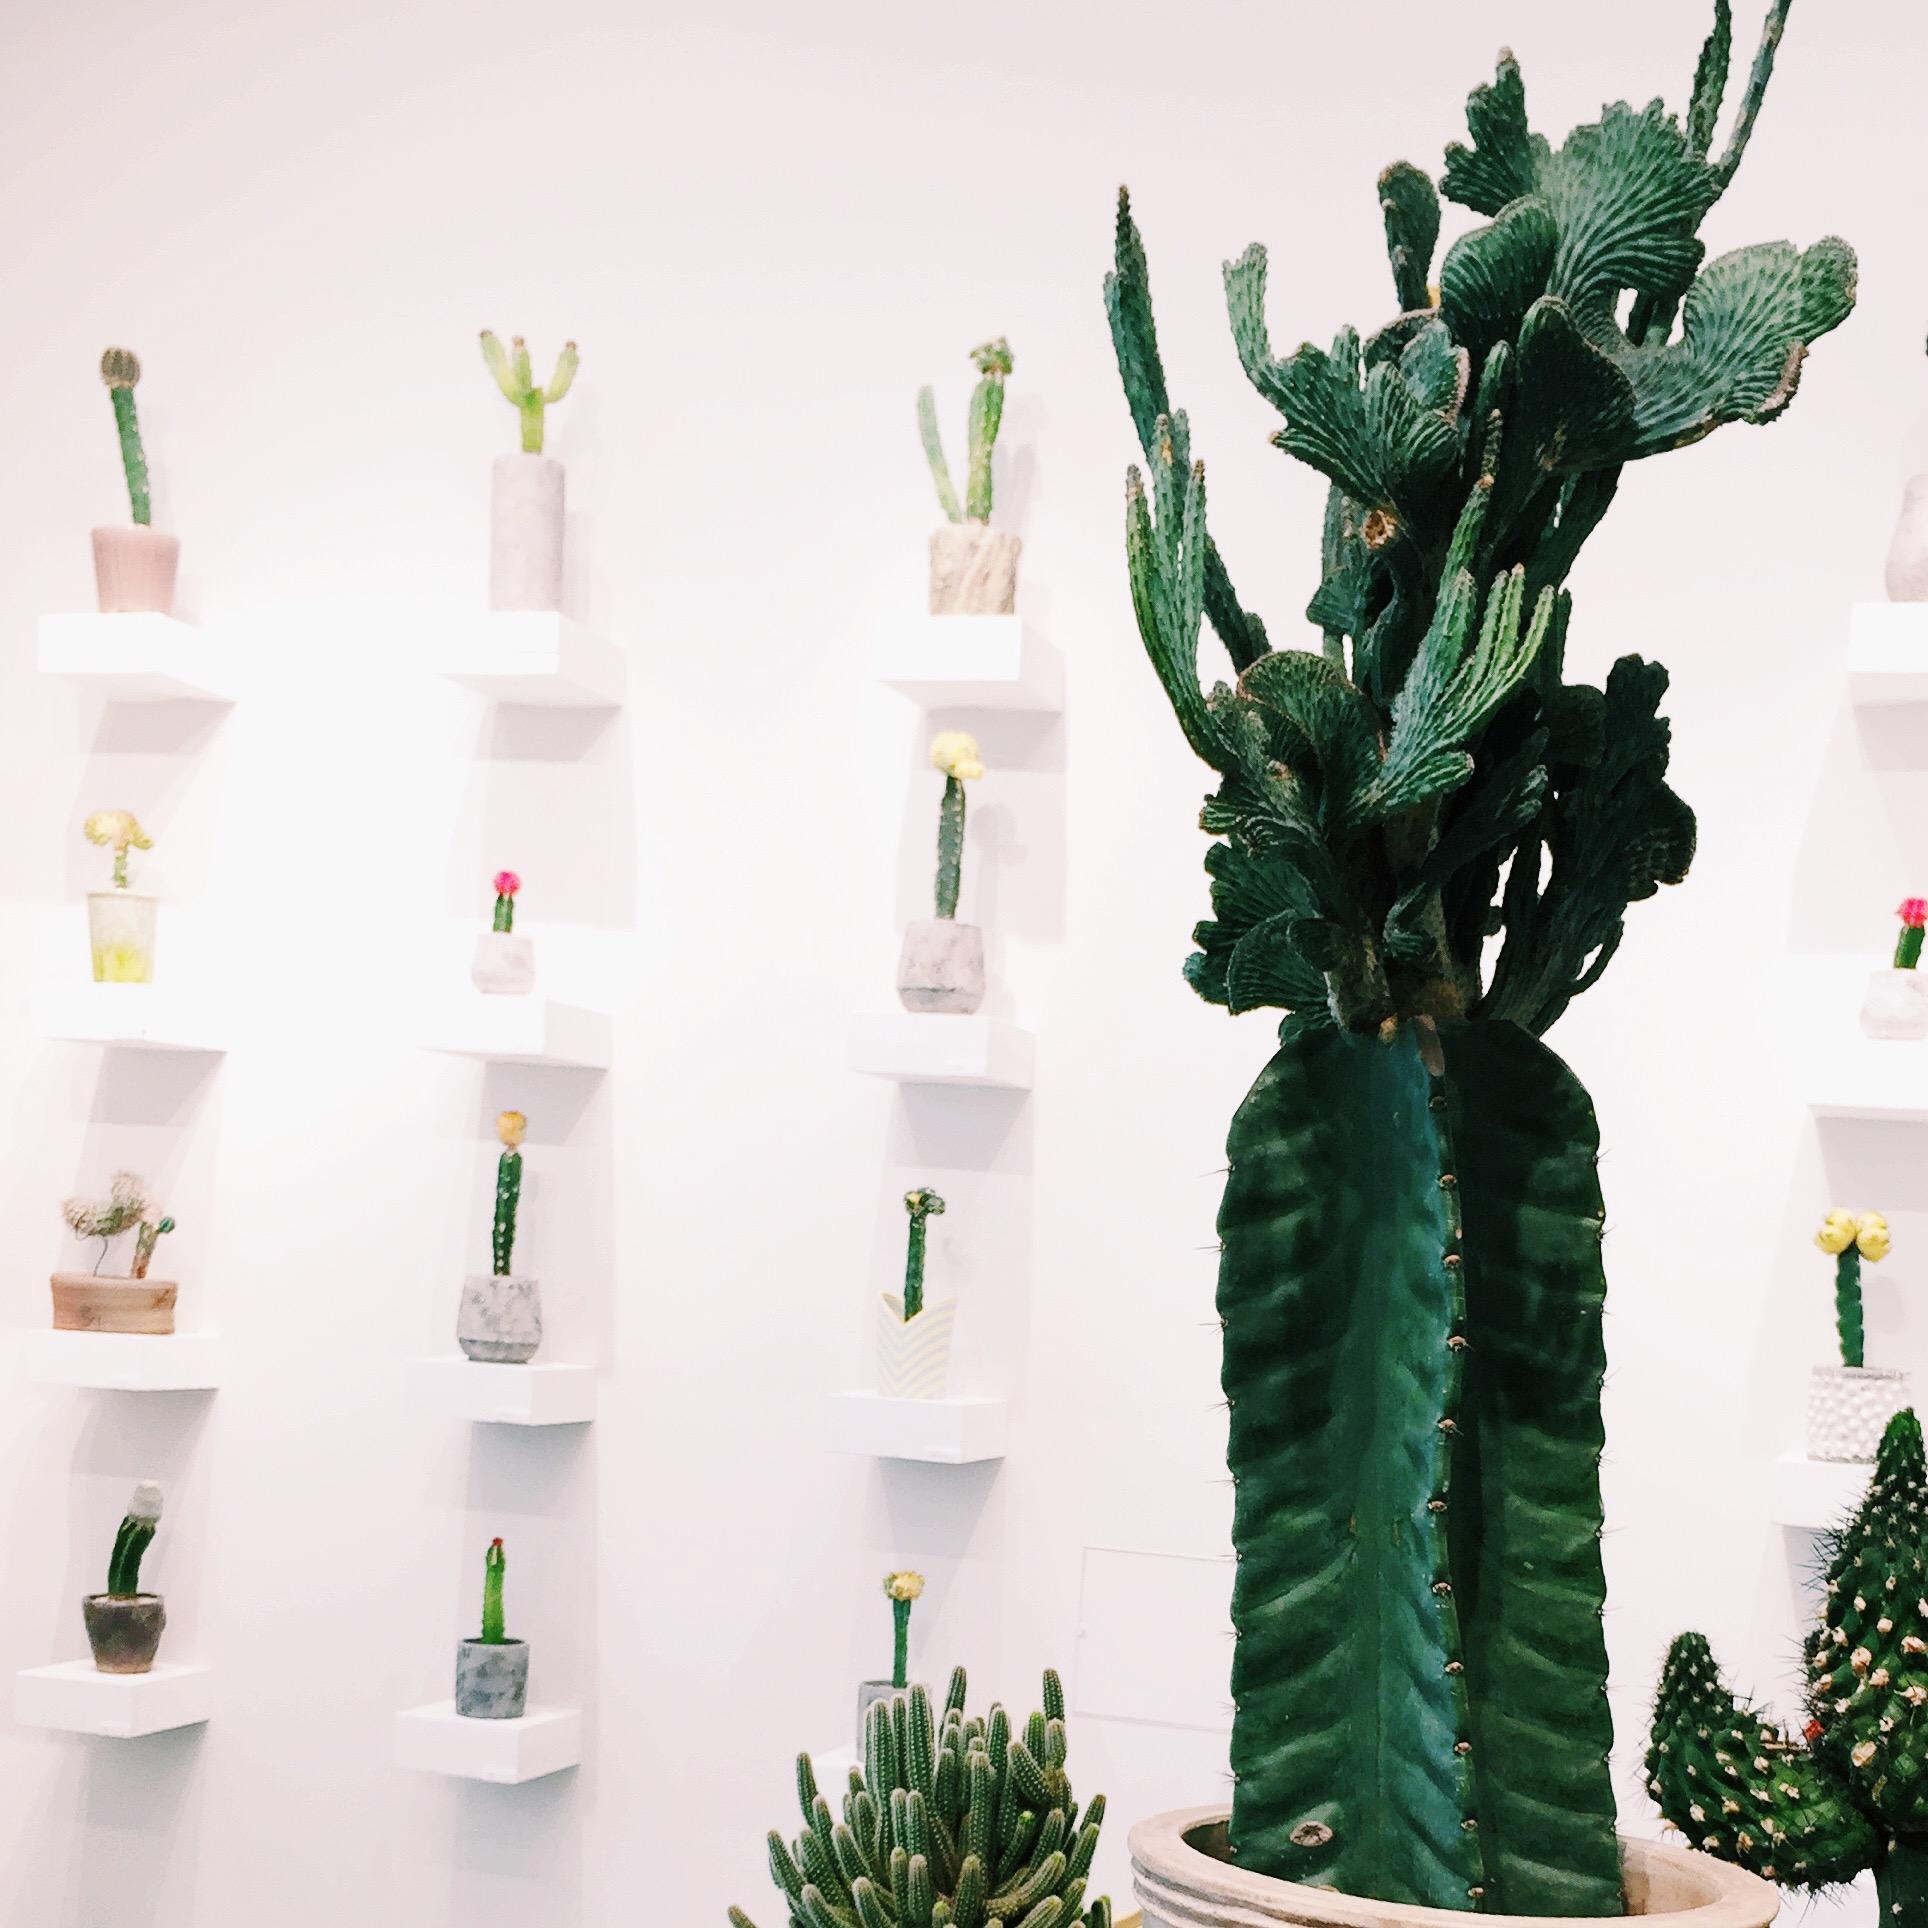 Cactus grid